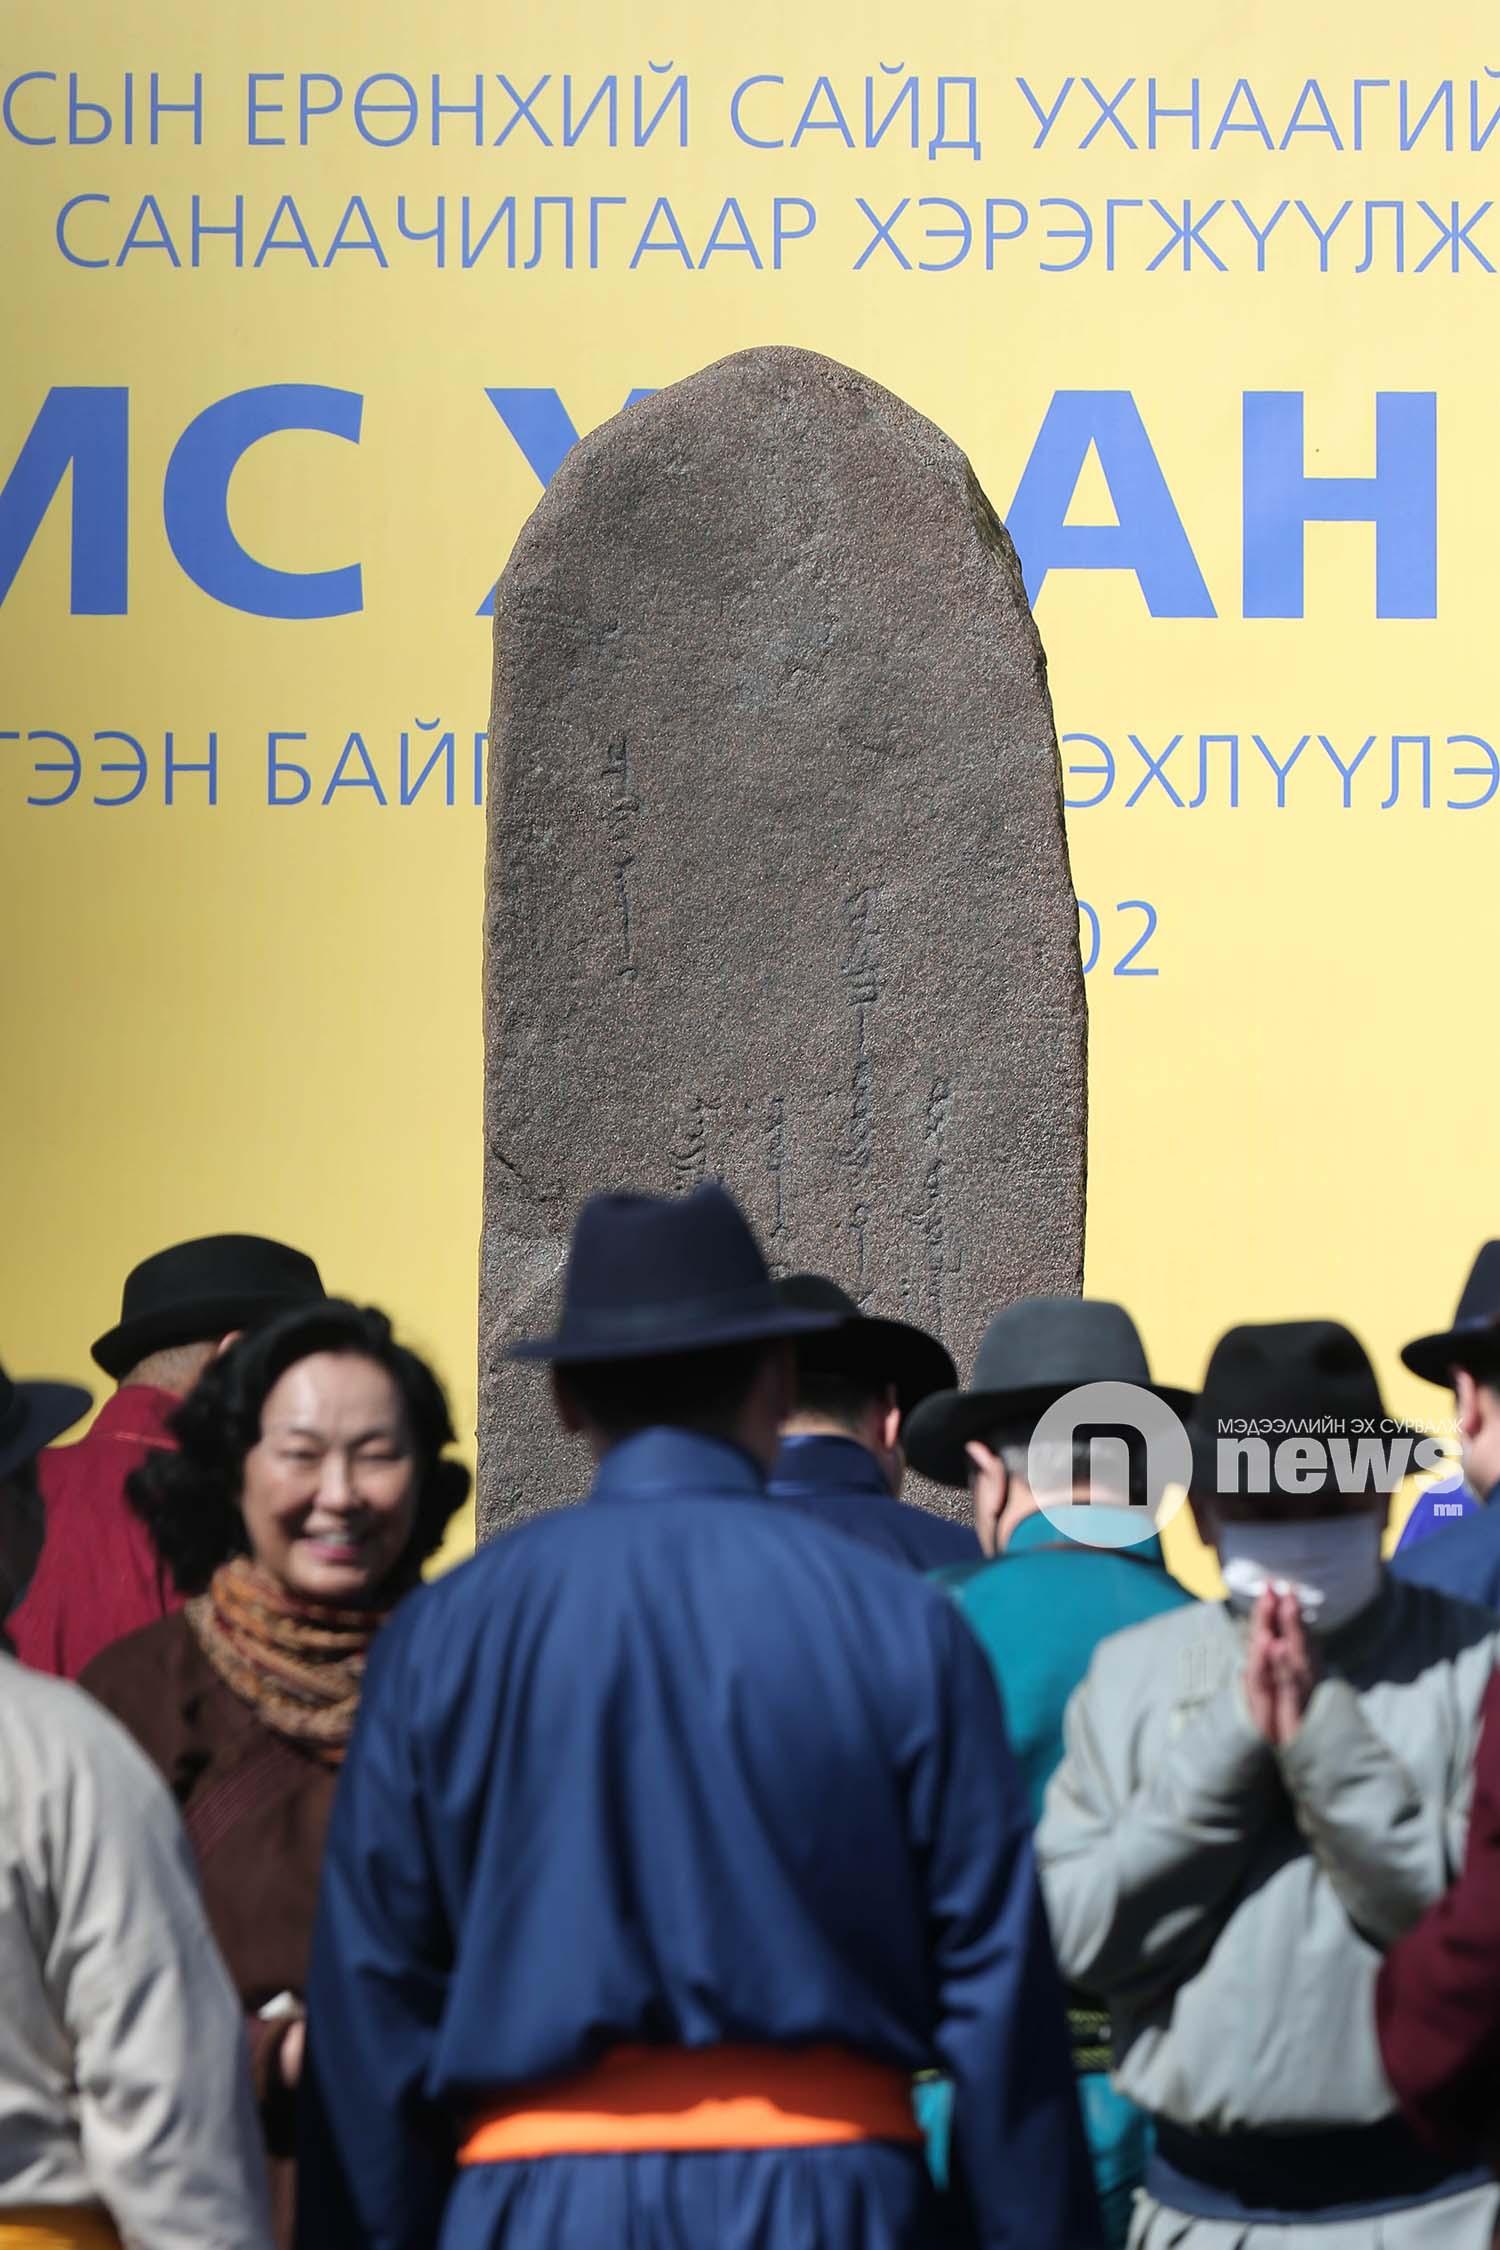 Чингис хаан музей шав тавих ёслол (5)